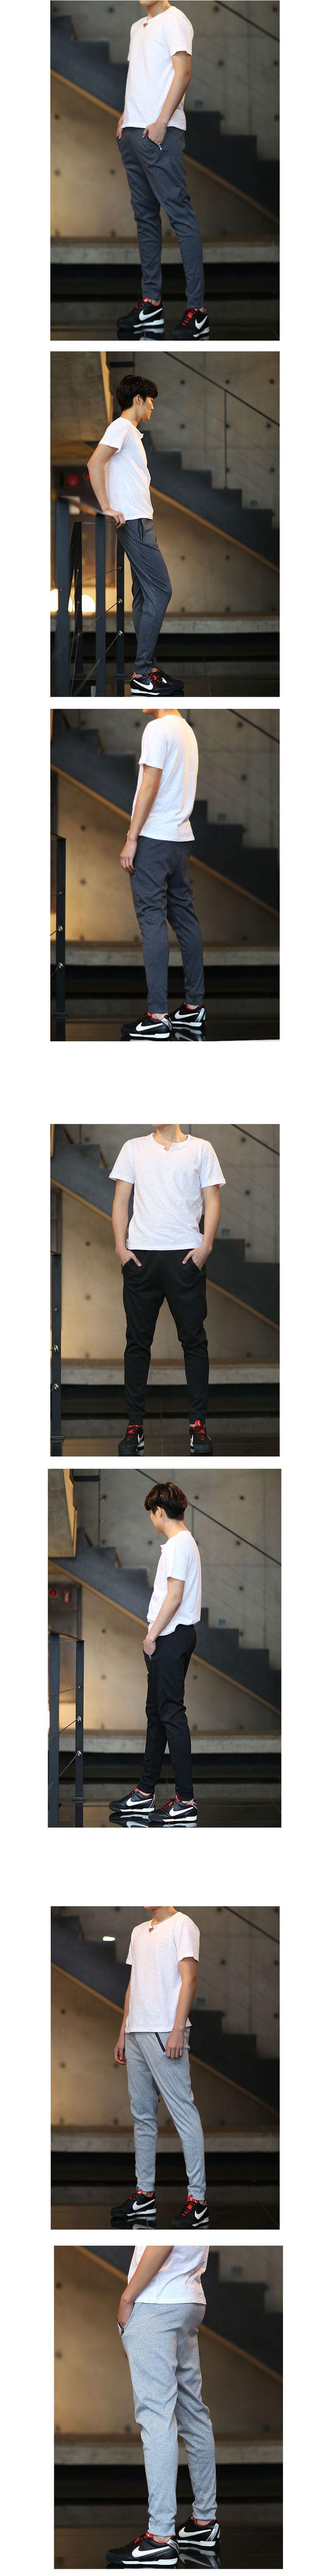 배기핏 지퍼 팬츠/ 패션갑/ 16,400원  남자 트레이닝 패션, 남자 트레이닝 팬츠, 남자 운동복, 휘트니스, 운동복, 데일리룩